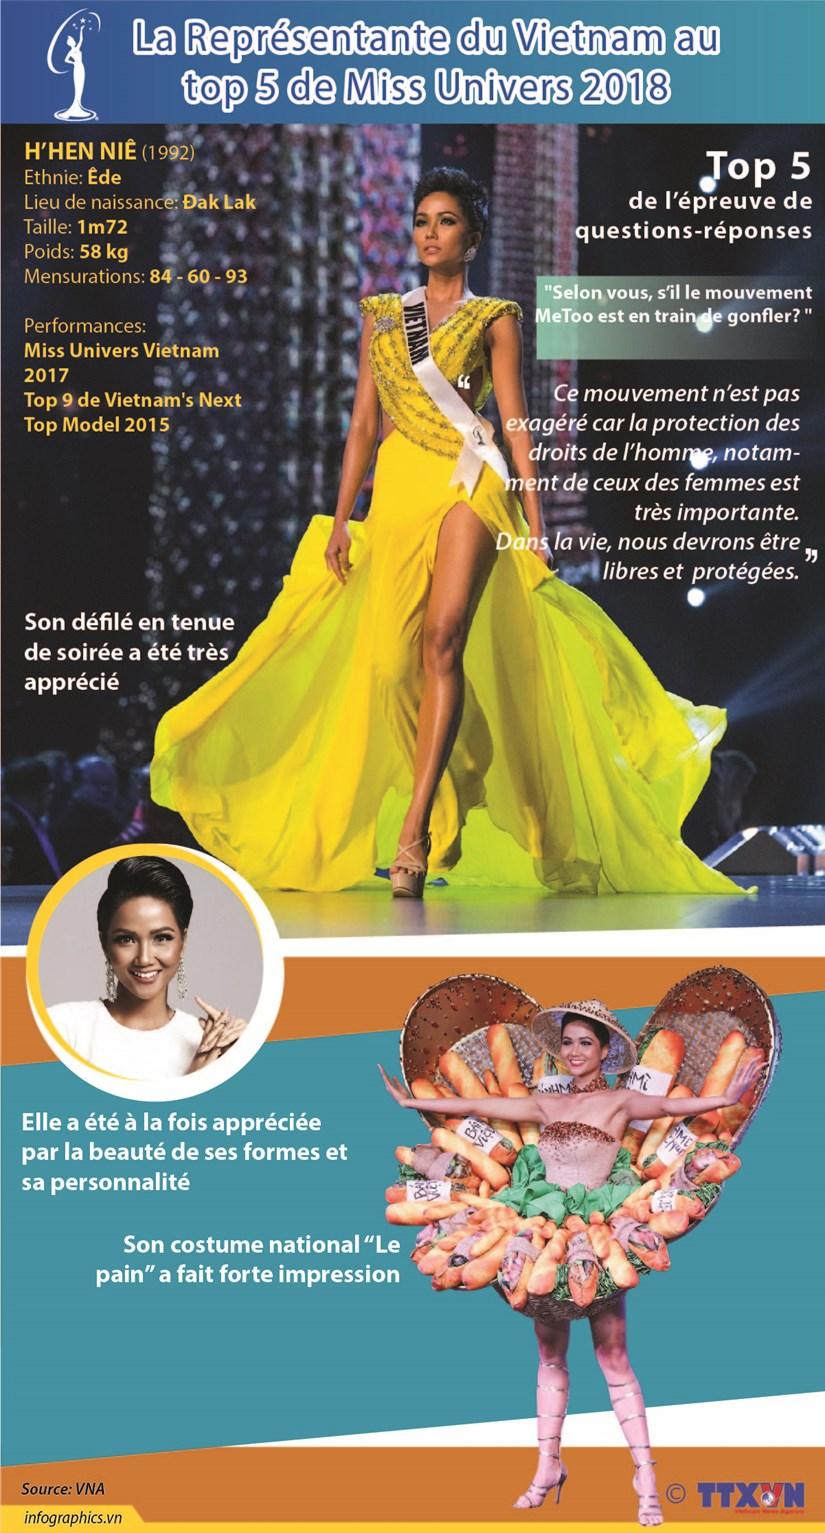 La Representante du Vietnam au top 5 de Miss Univers 2018 hinh anh 1